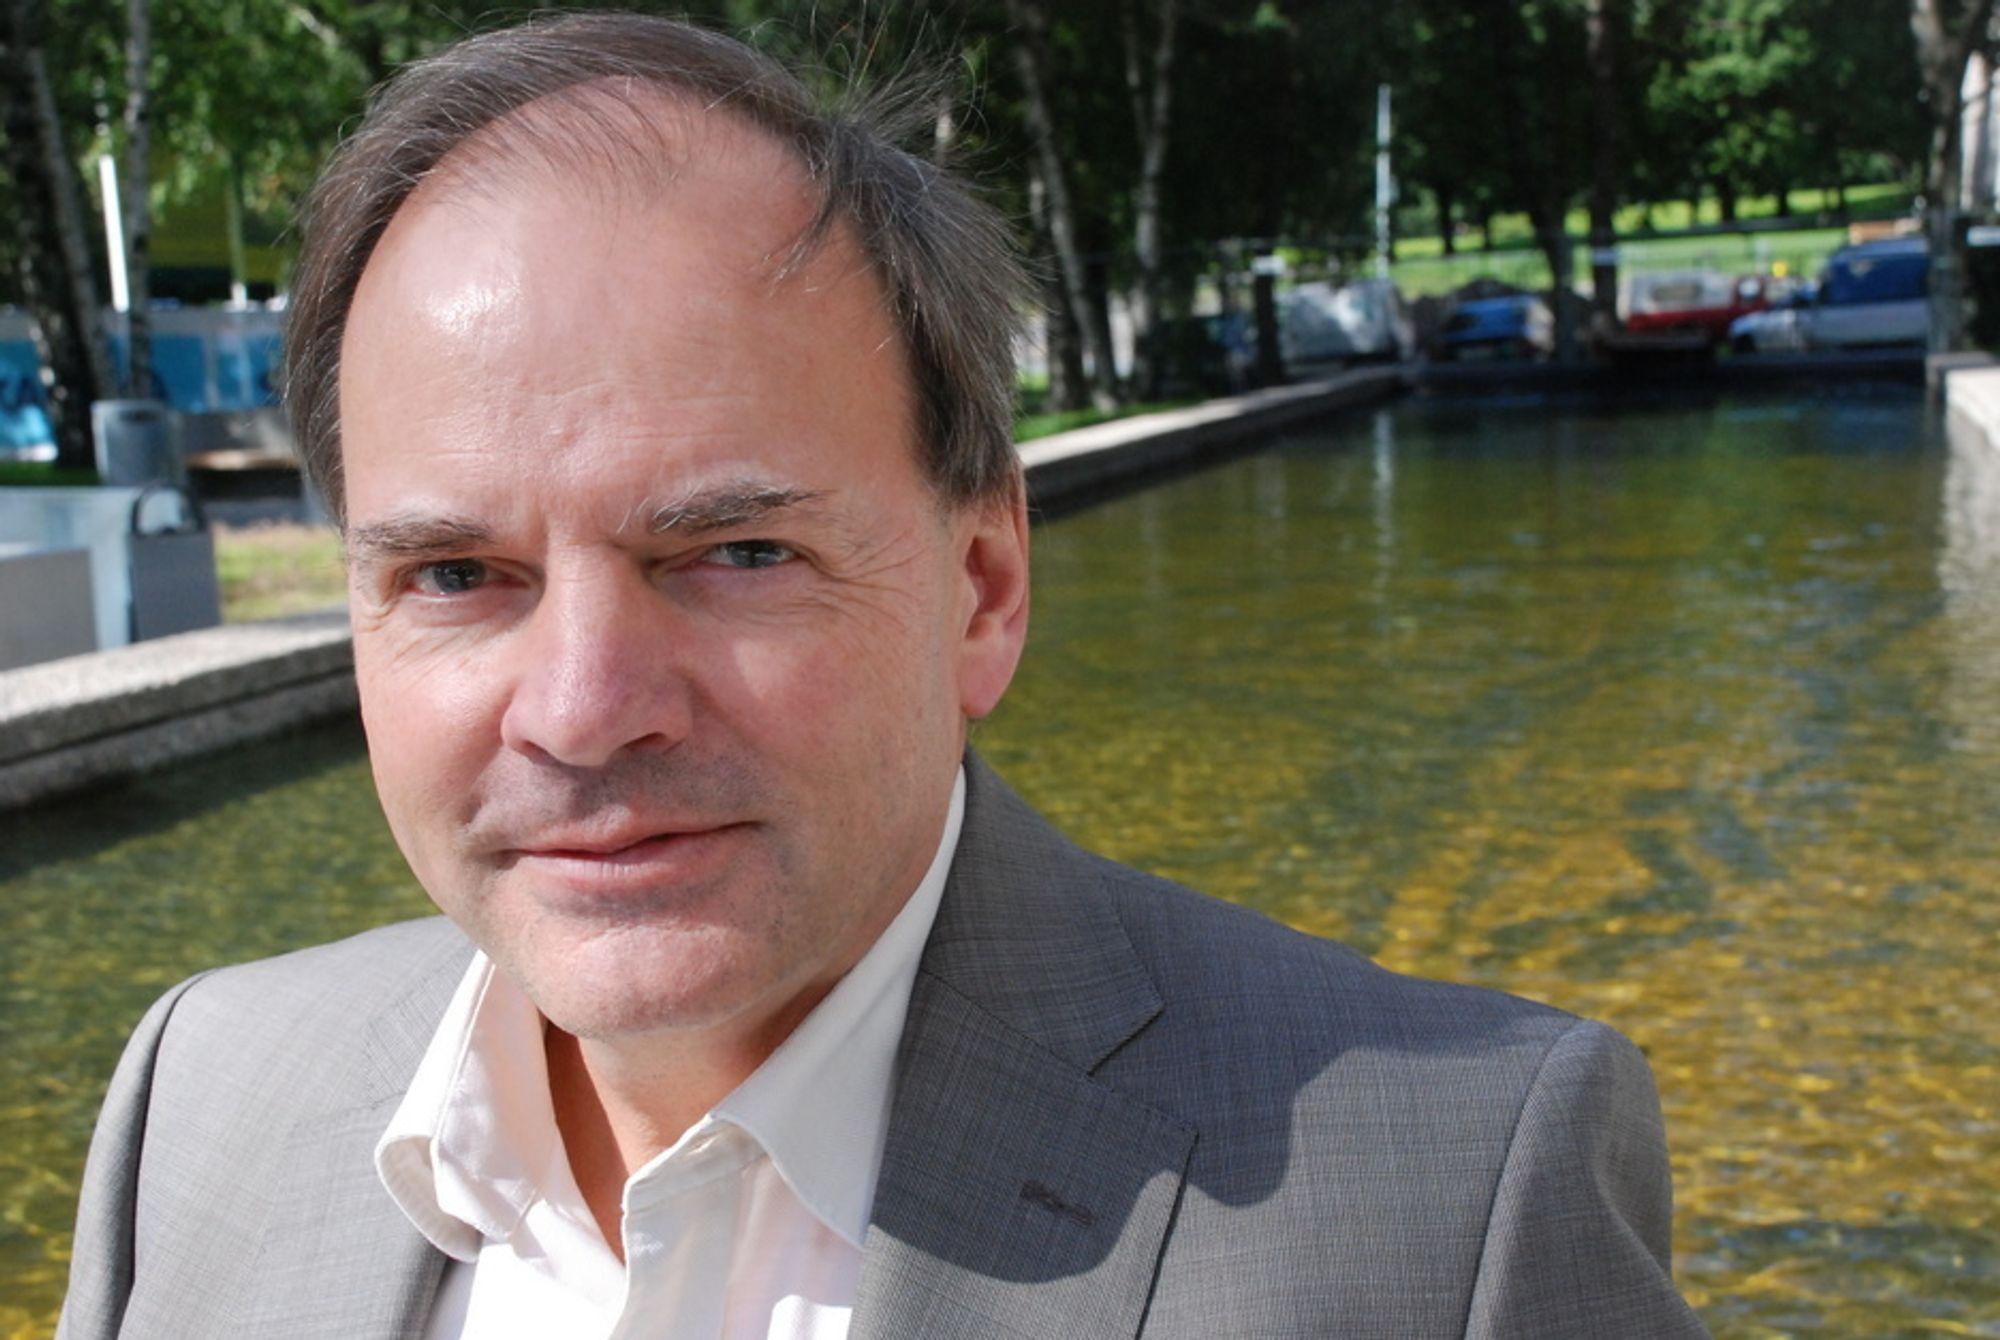 SLAKTER REGNSKAP: Hans Erik Horn i Energi Norge har sammen med Norsk Teknologi skrevet brev til Statsbygg med kraftig kritikk av klimagassregnskap.no.